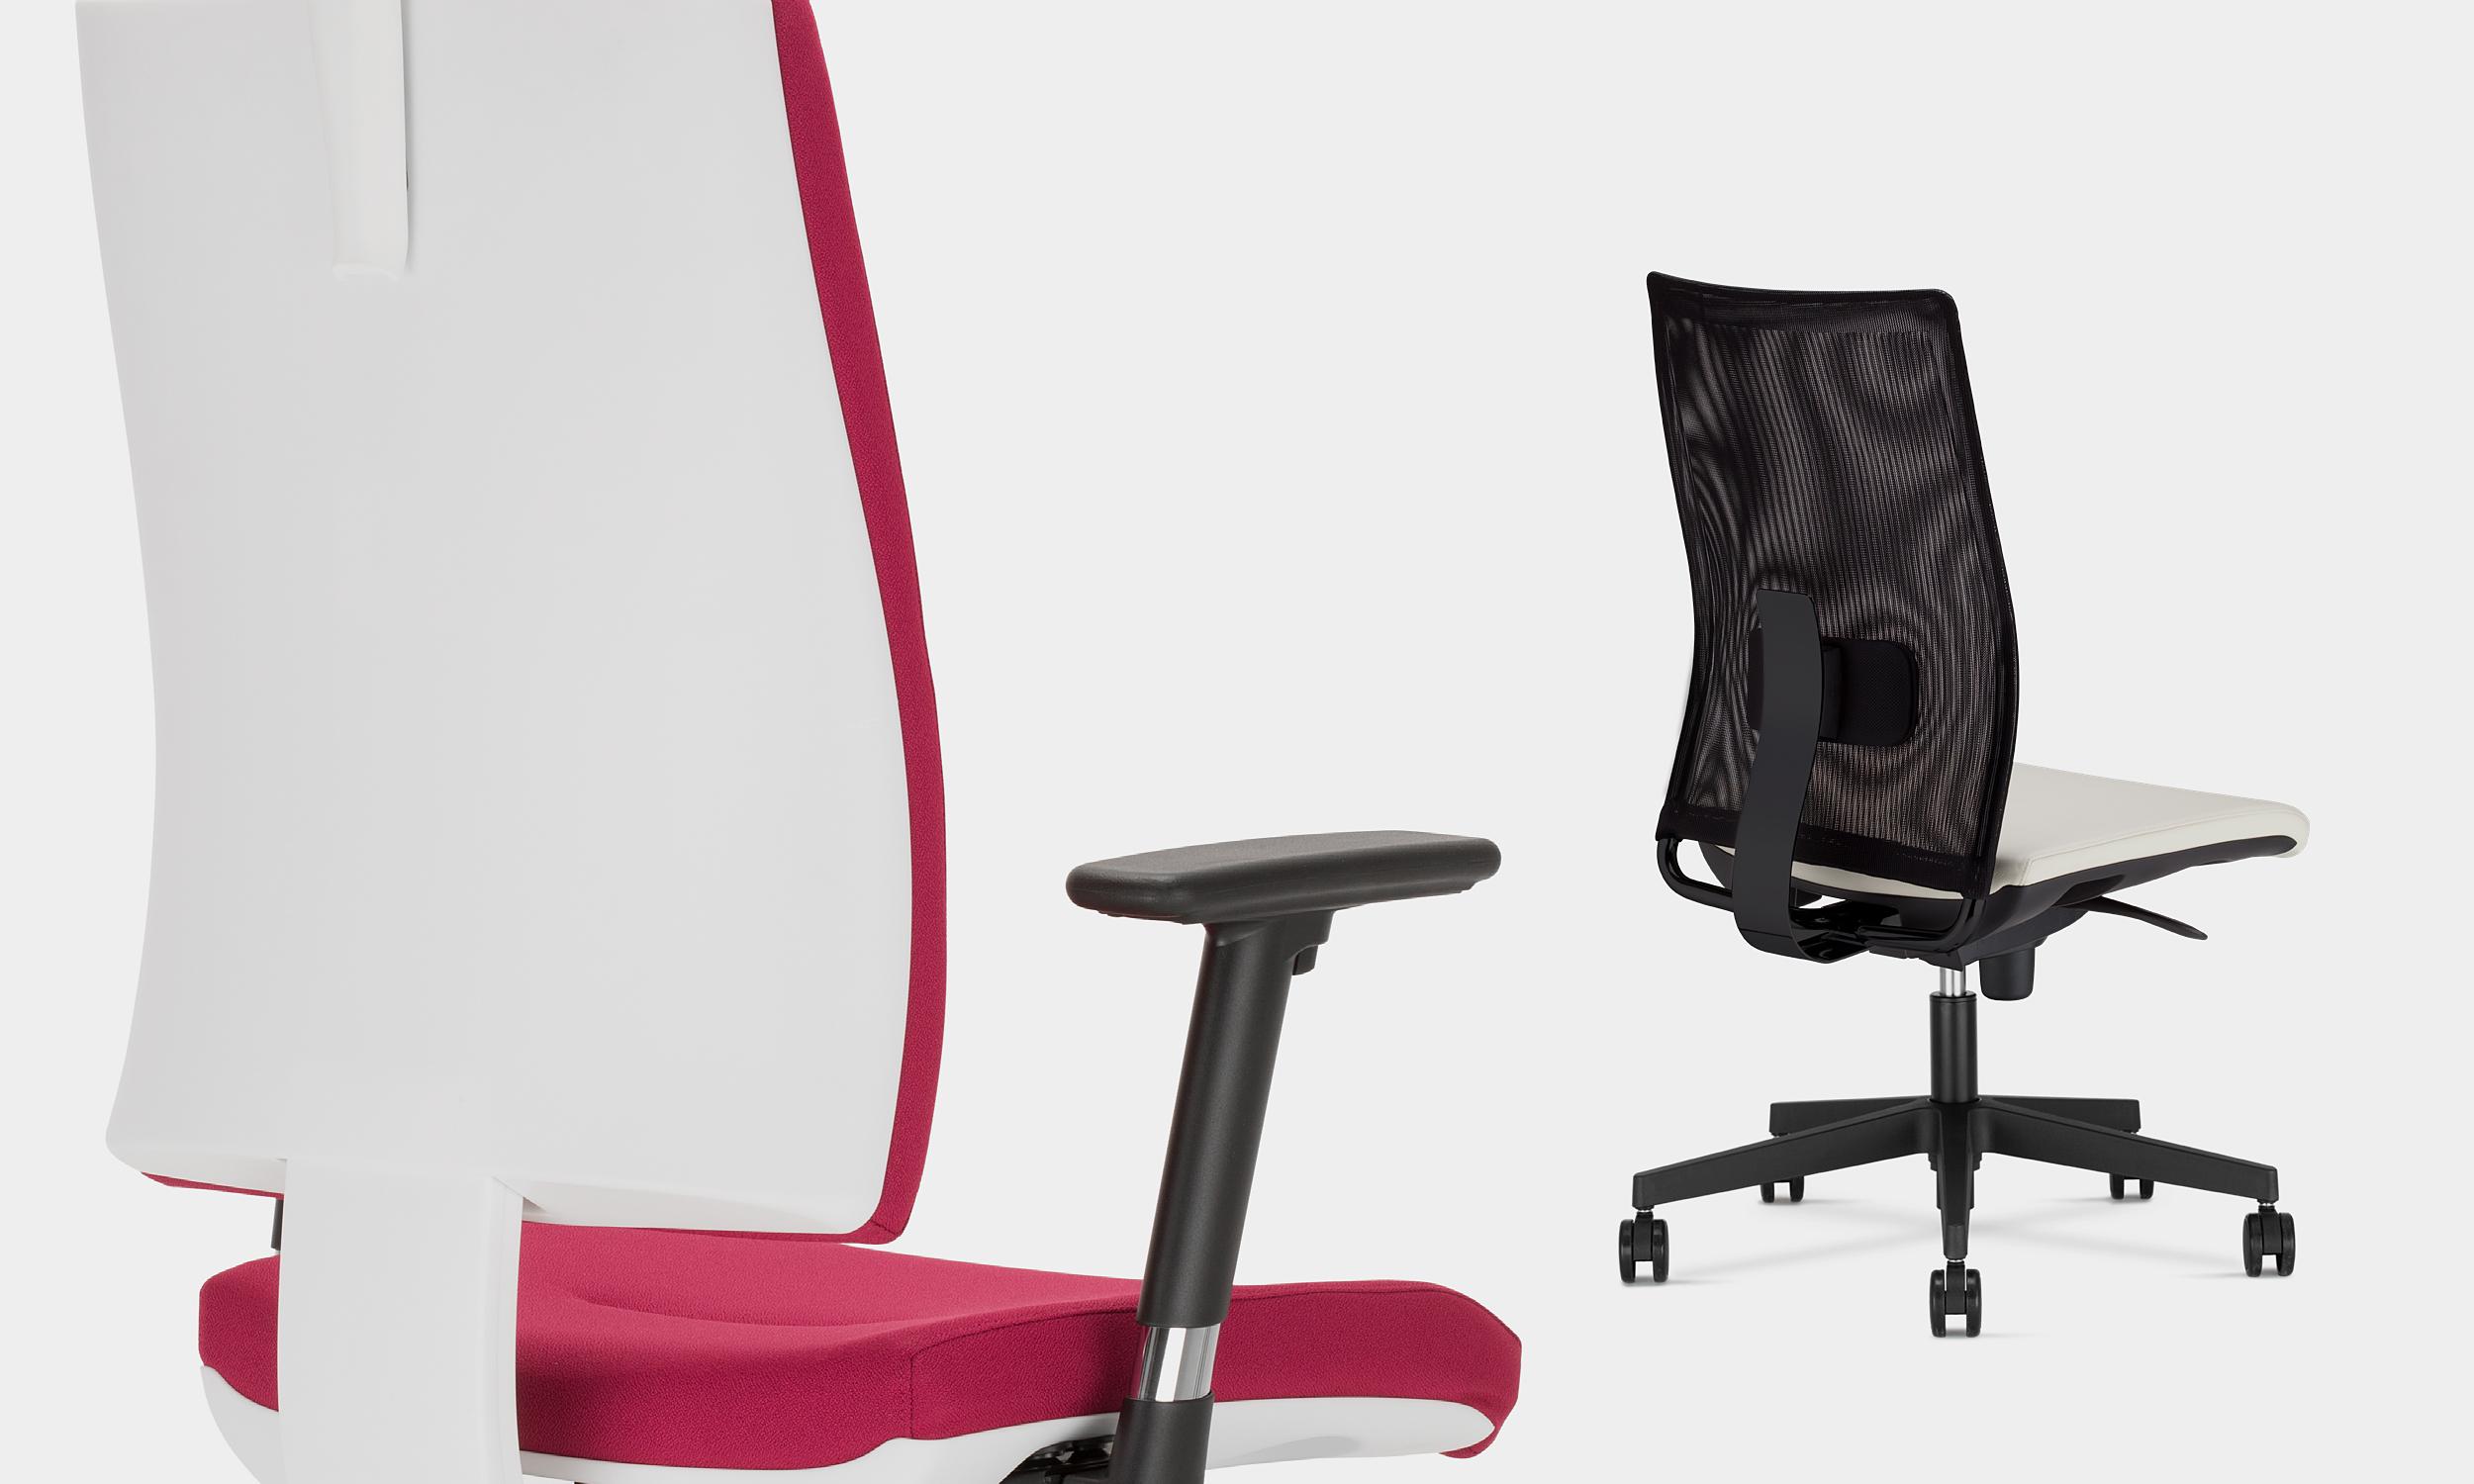 krzesło_Intrata02